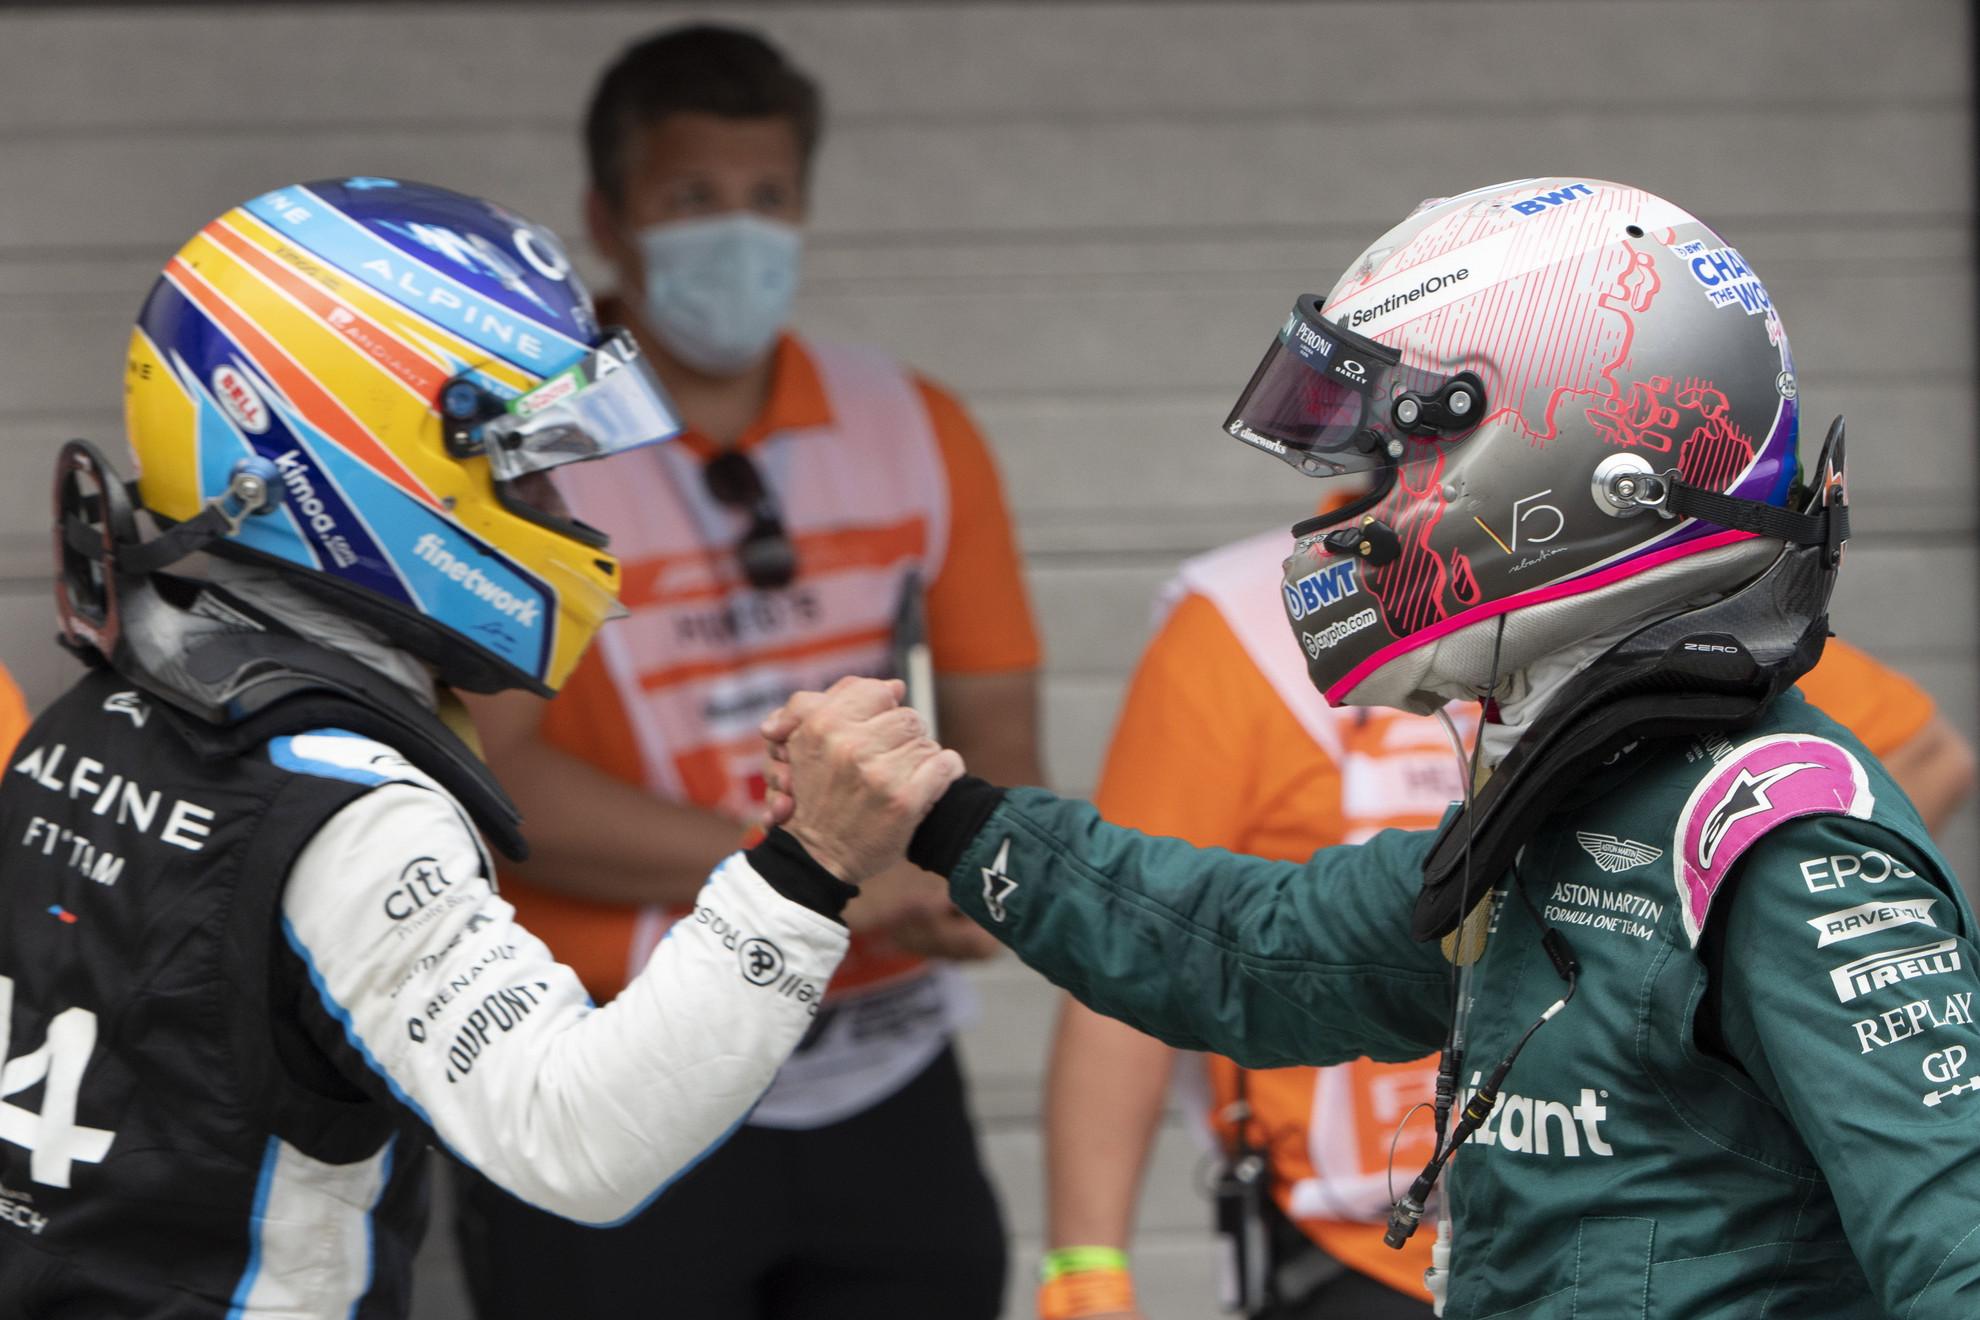 A győztes Esteban Ocon, az Alpine francia versenyzője (b) és a második helyezett Sebastian Vettel, az Aston Martin német versenyzője (j) a Forma-1-es Magyar Nagydíj futama után a mogyoródi Hungaroringen 2021. augusztus 1-jén